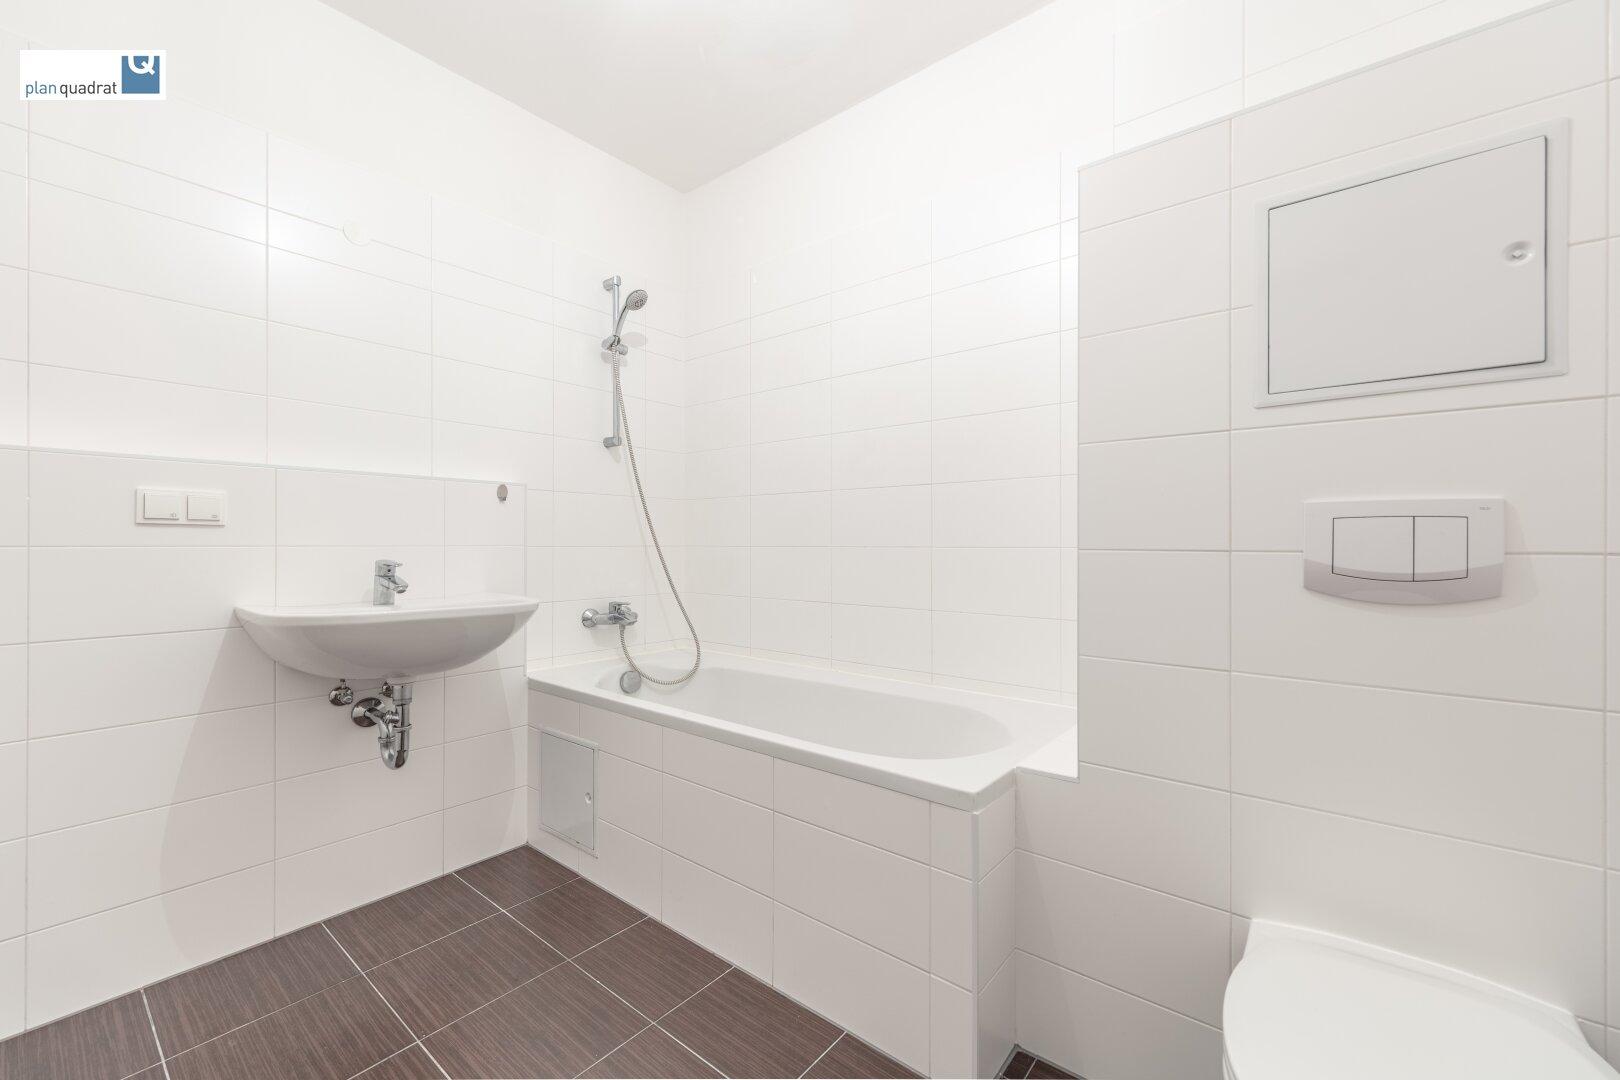 Badezimmer (mit Waschbecken, Badewanne, Toilette und Wa-Ma-Anschluss)